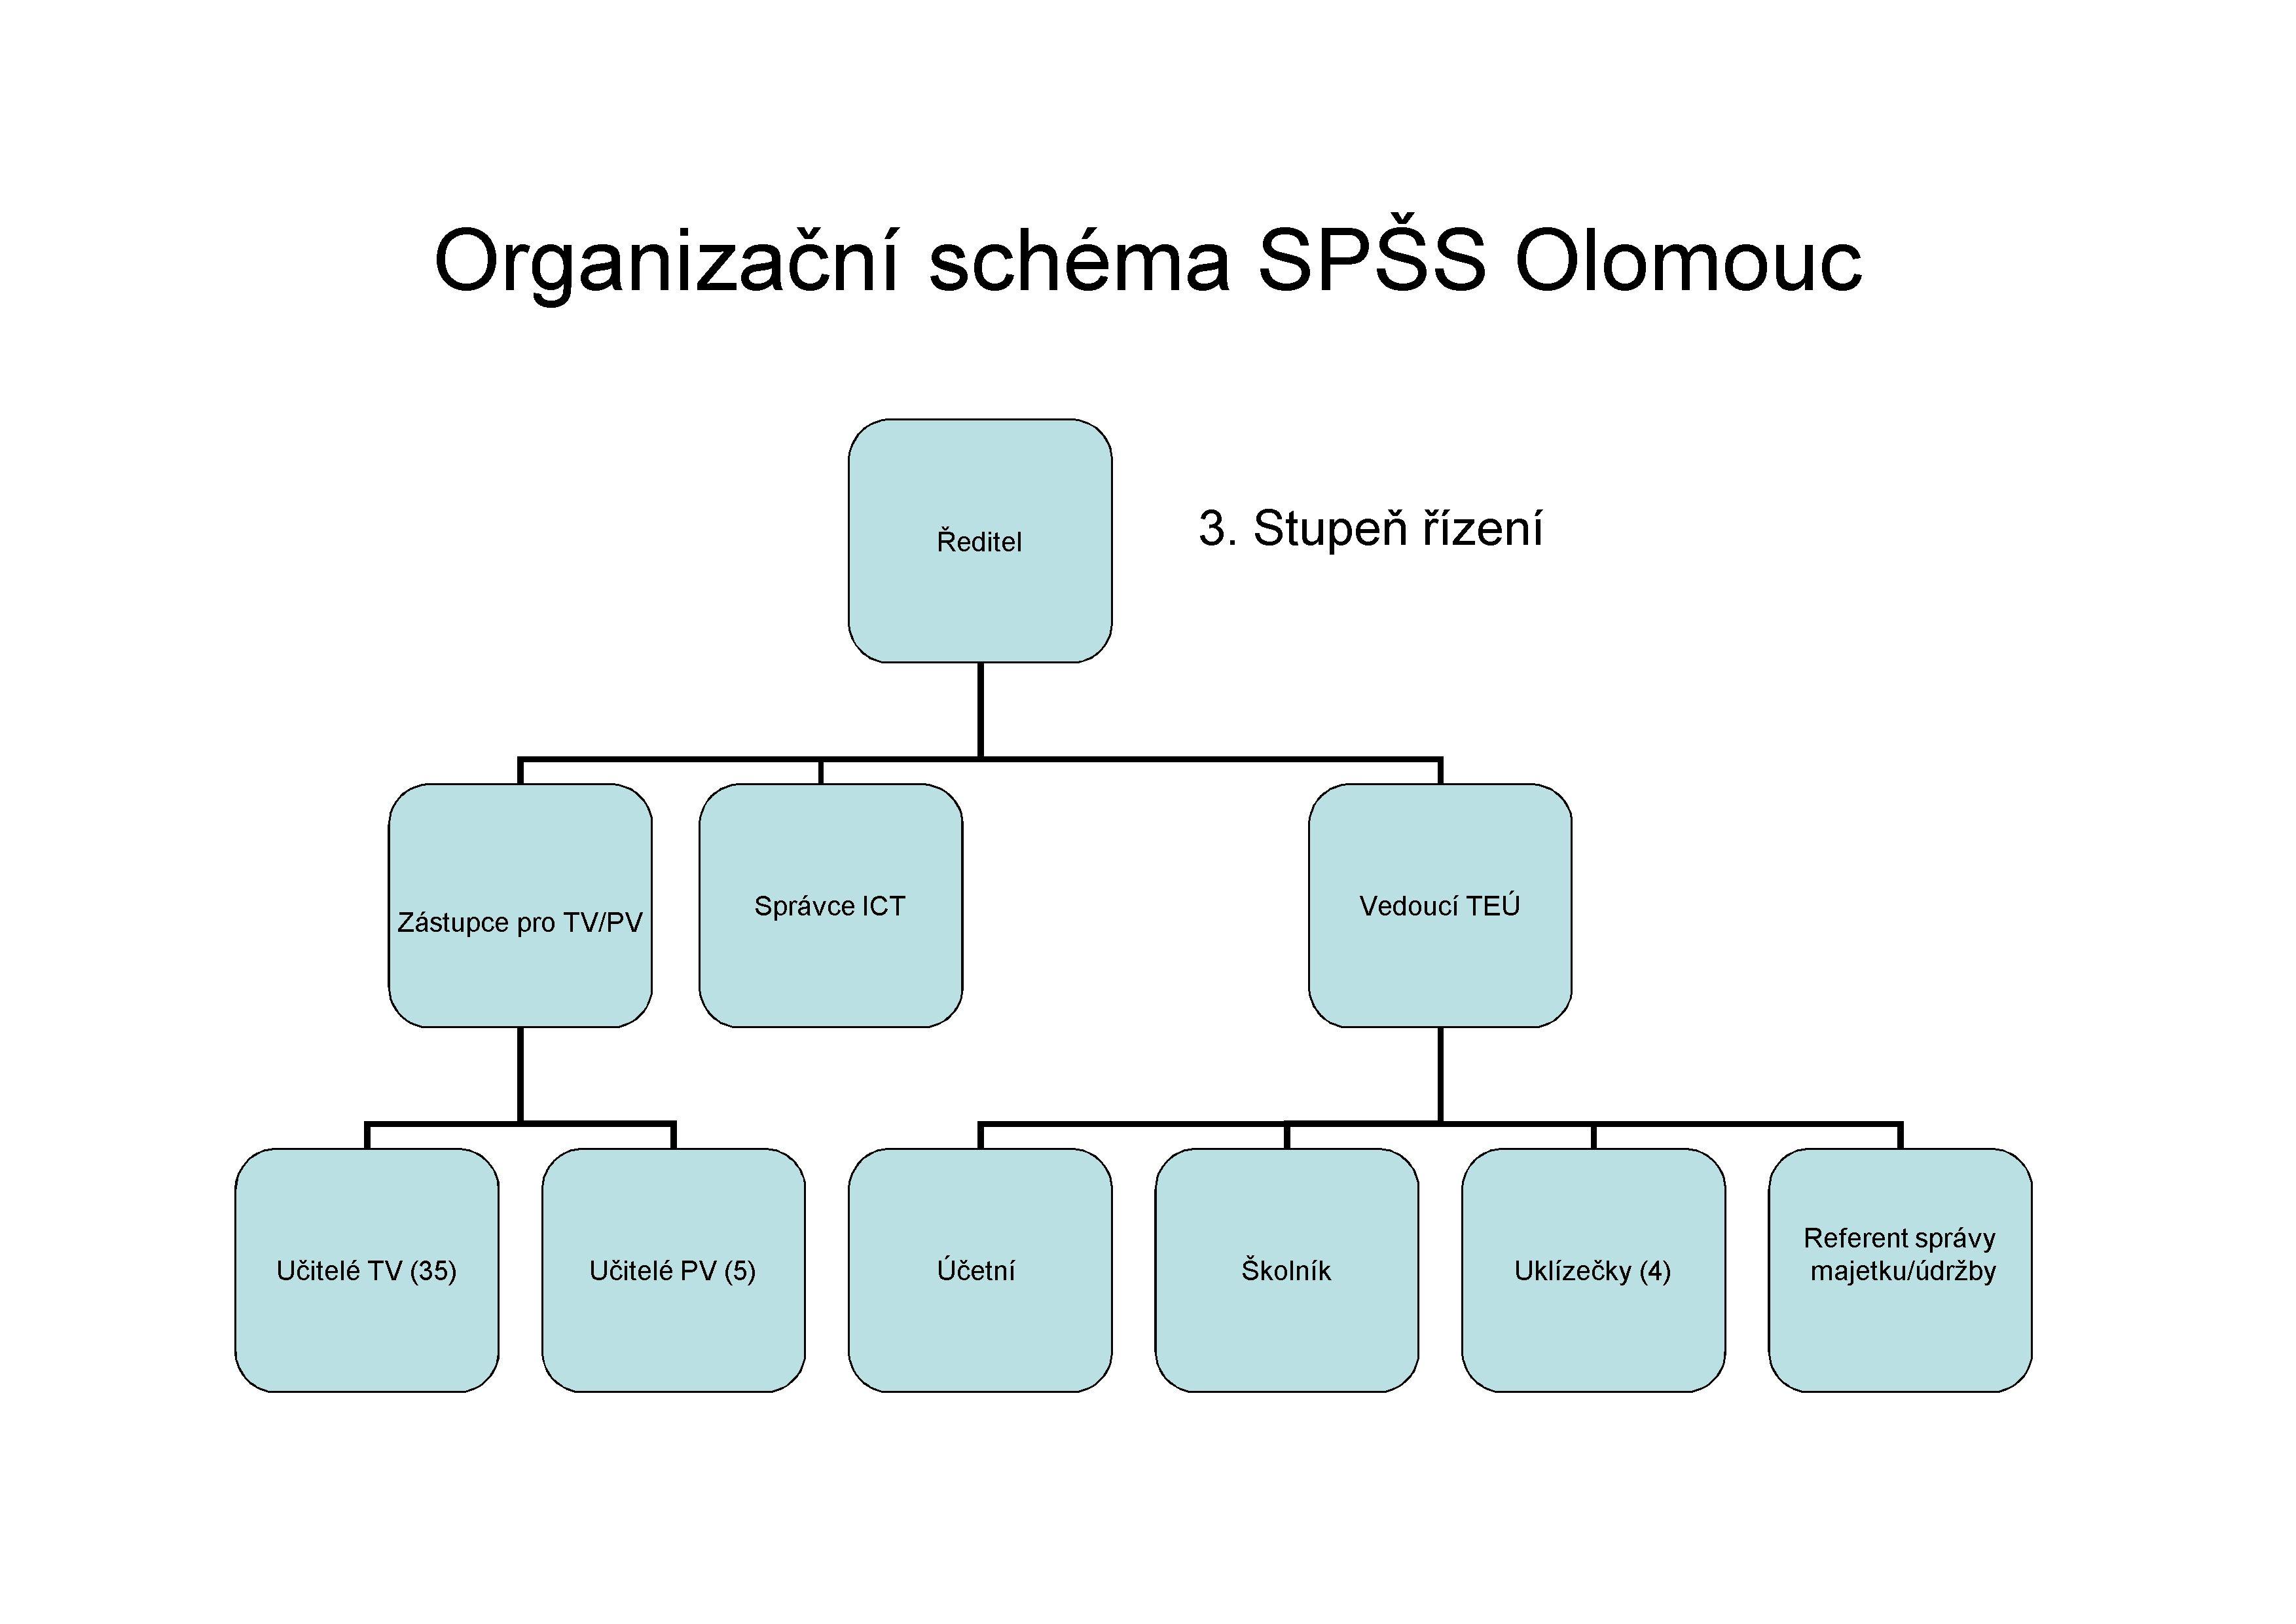 org_schema-2019